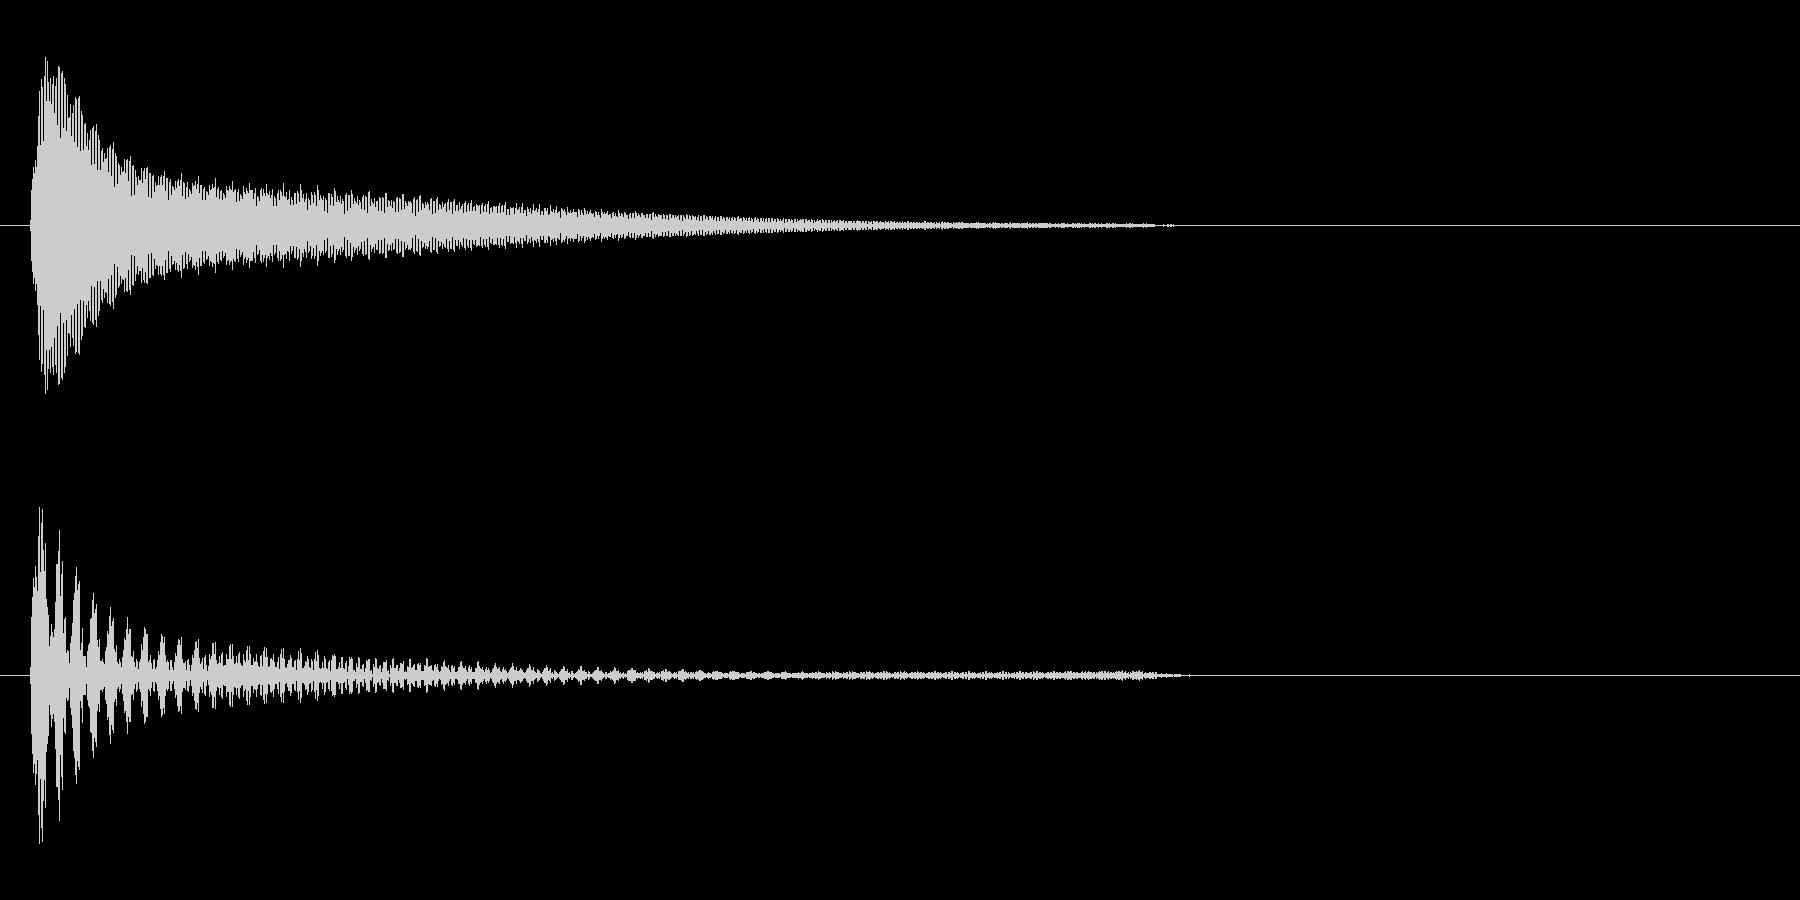 アクセス音(機械)の未再生の波形